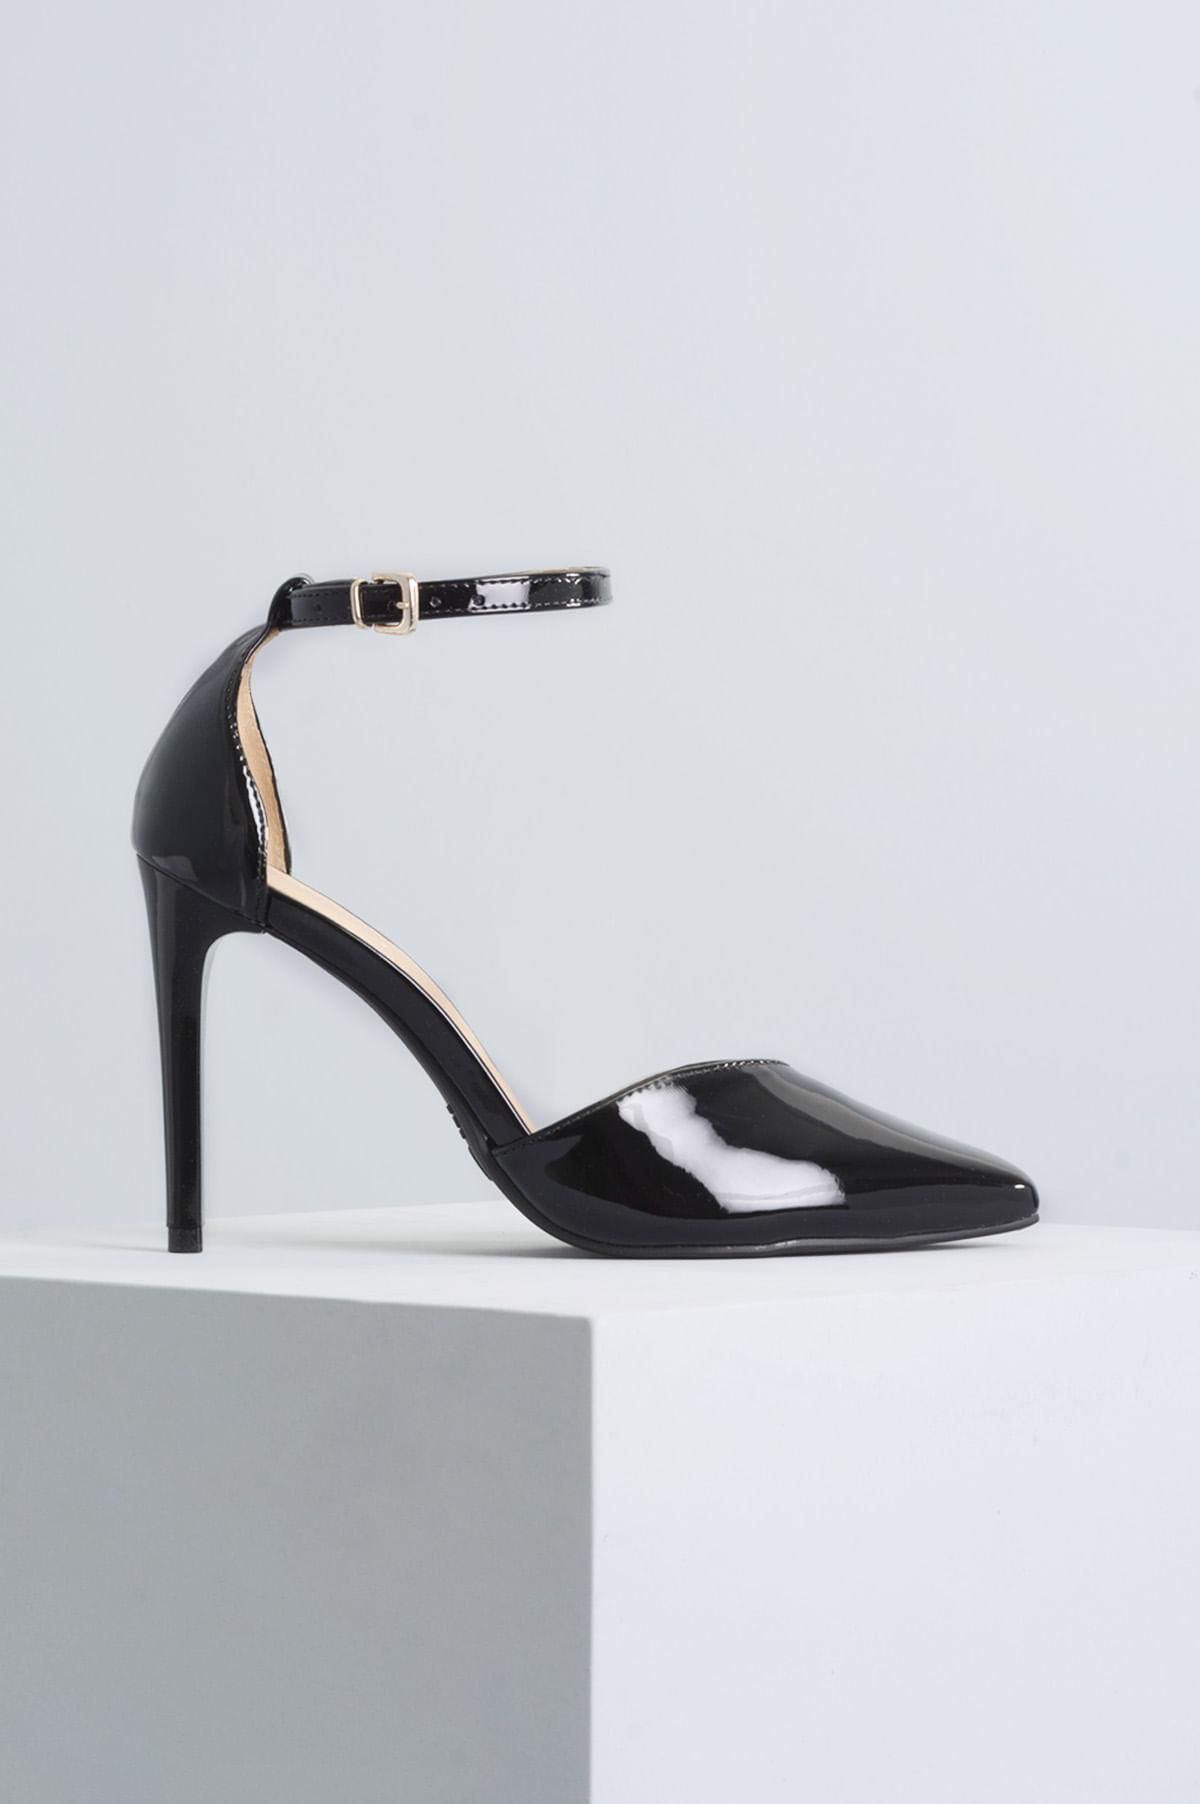 00e216c67b Sapato Salto Alto Gracie Mundial VERNIZ PRETO - Mundial Calçados